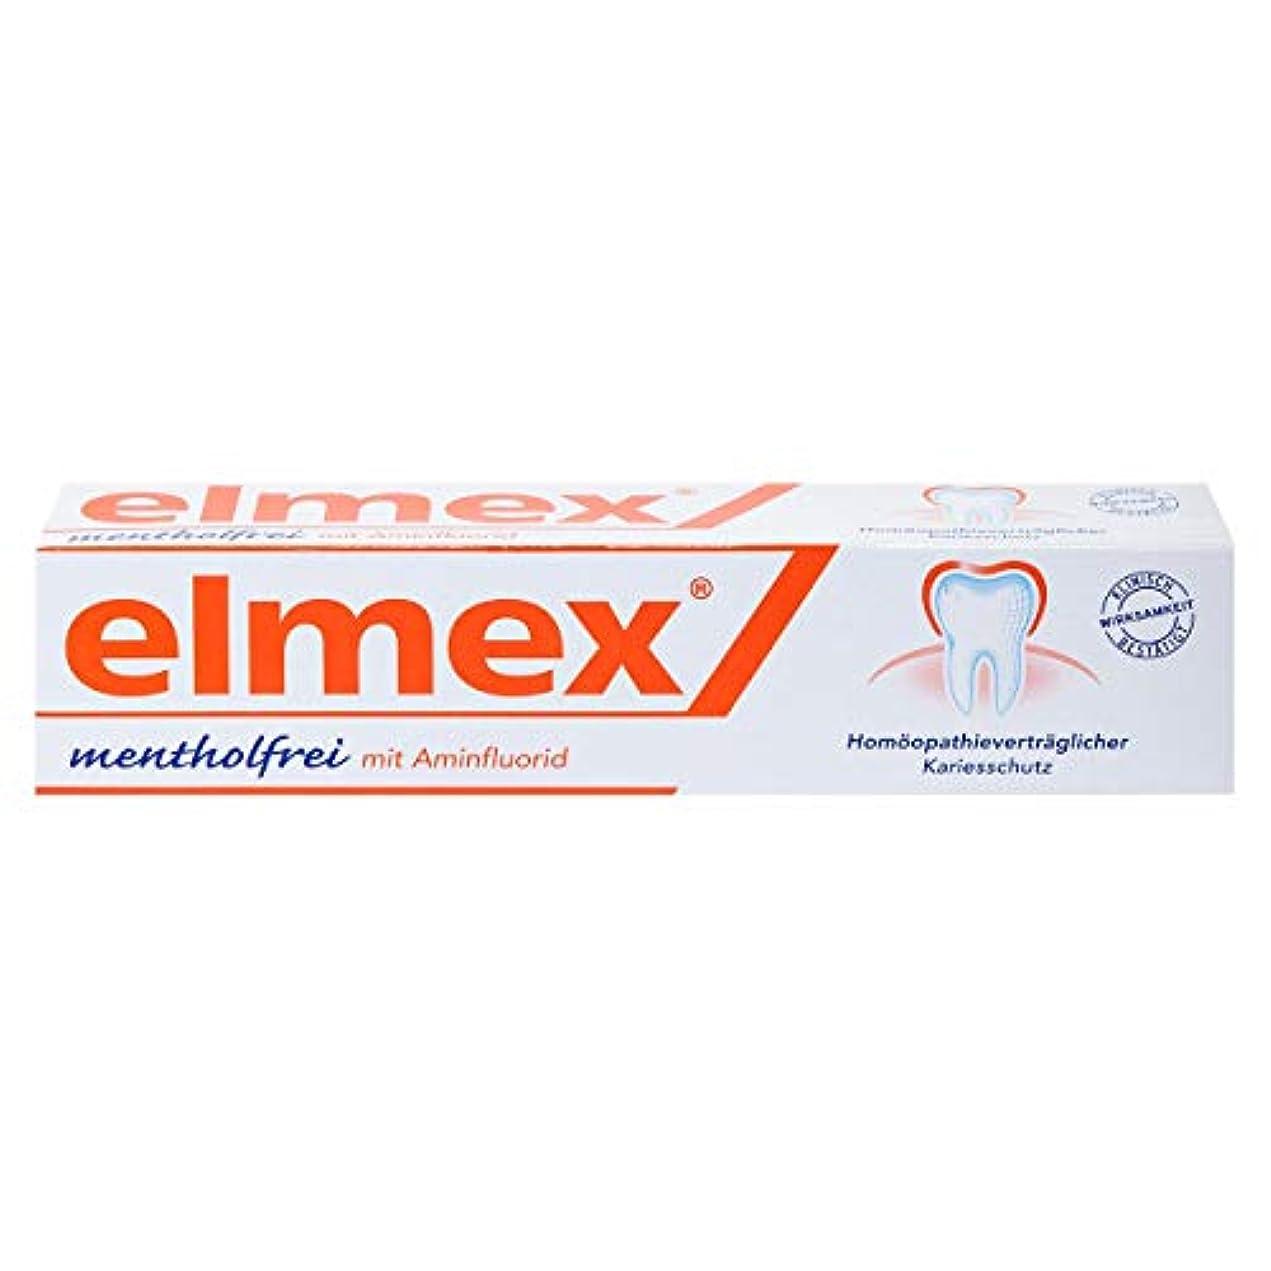 入場励起複合3本セット elmex エルメックス メントールフリー 虫歯予防 歯磨き粉 75ml【並行輸入品】